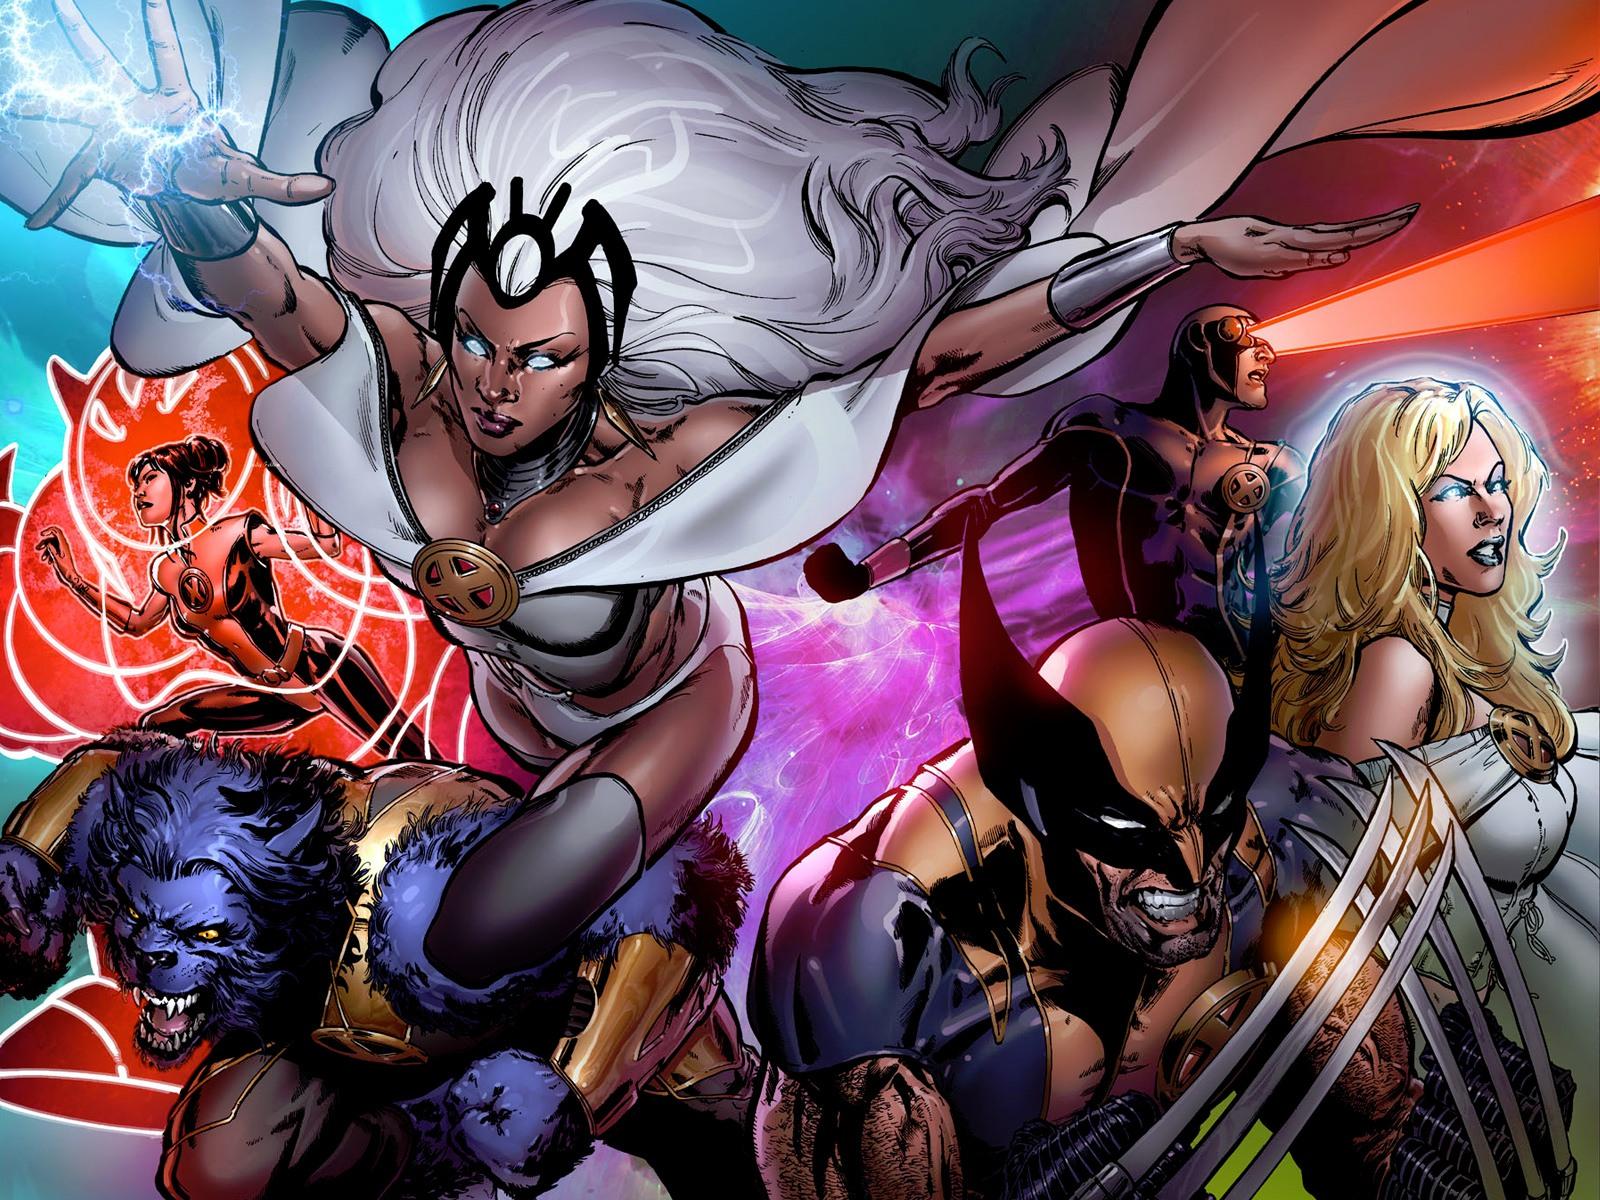 Storm X Men Wallpaper 63 Images: Storm-X-Men-Comics-Backgrounds